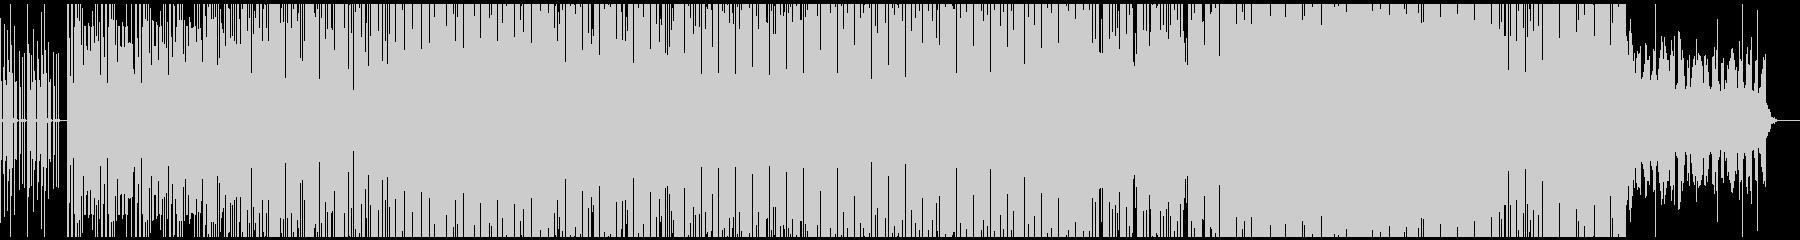 フィルターを動かしてる雰囲気のエレクトロの未再生の波形